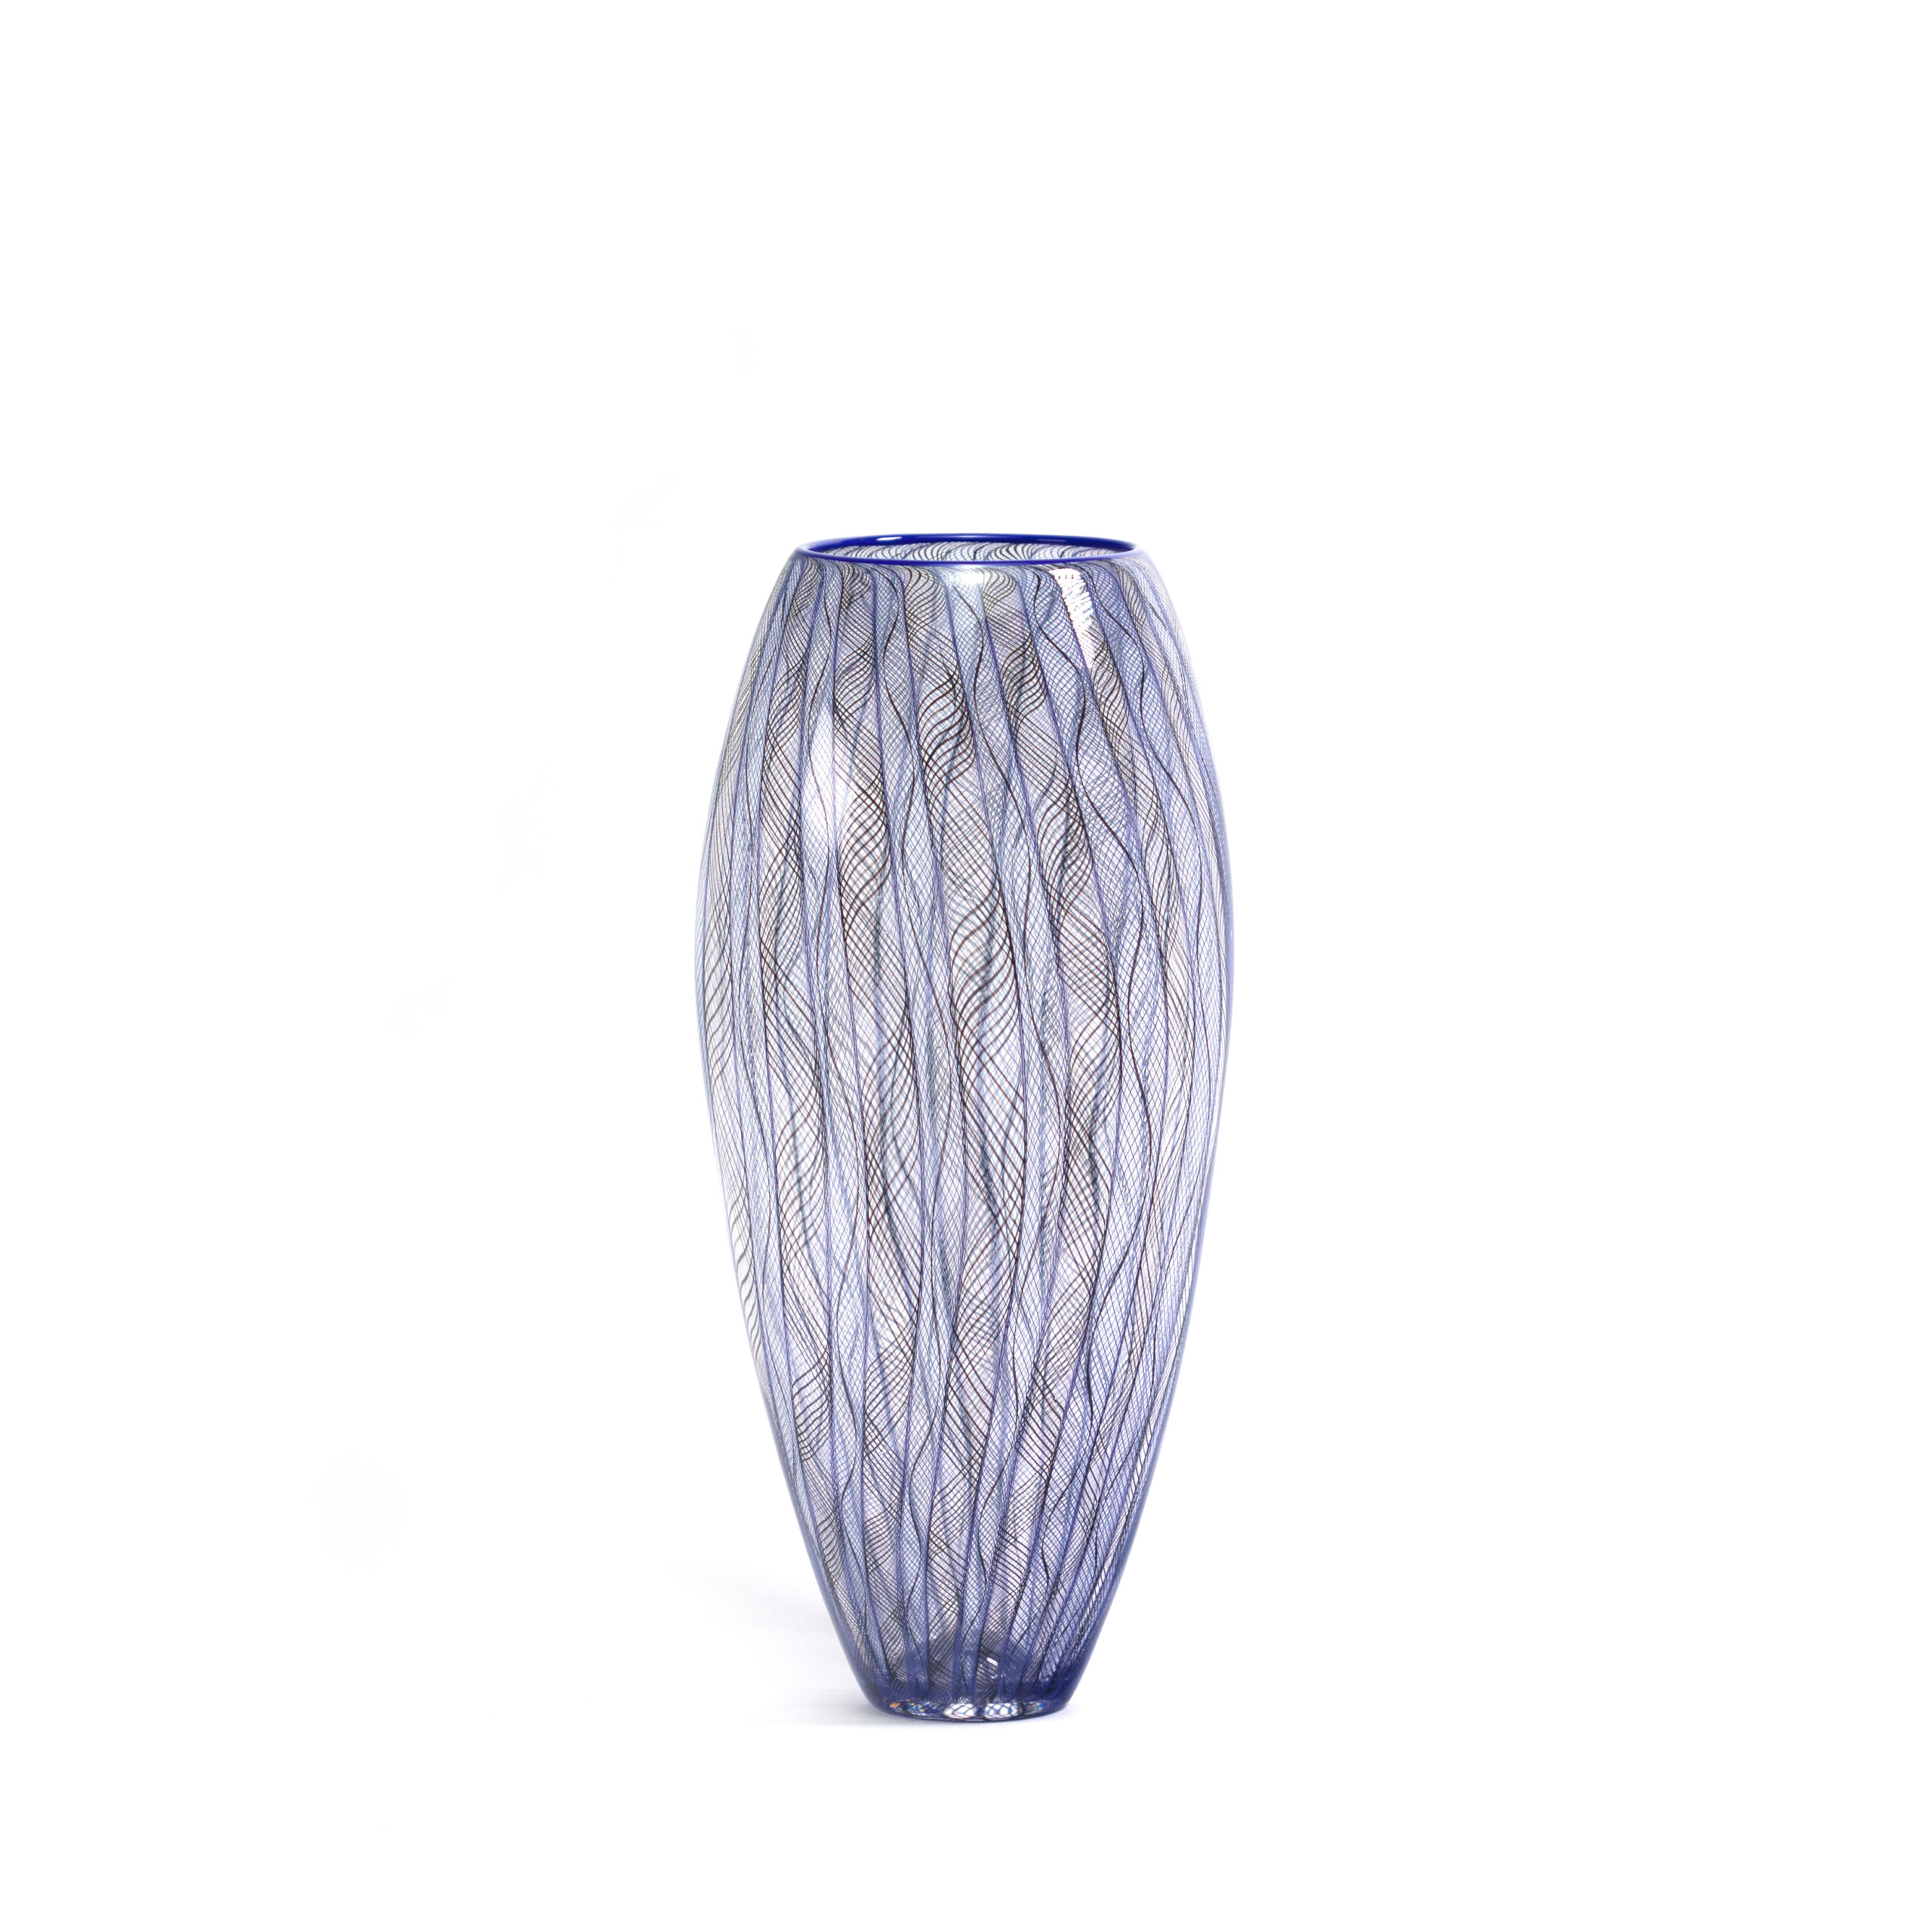 vase FILIGRANE en verre soufflé bleu et noir. Patrick Pirmeau